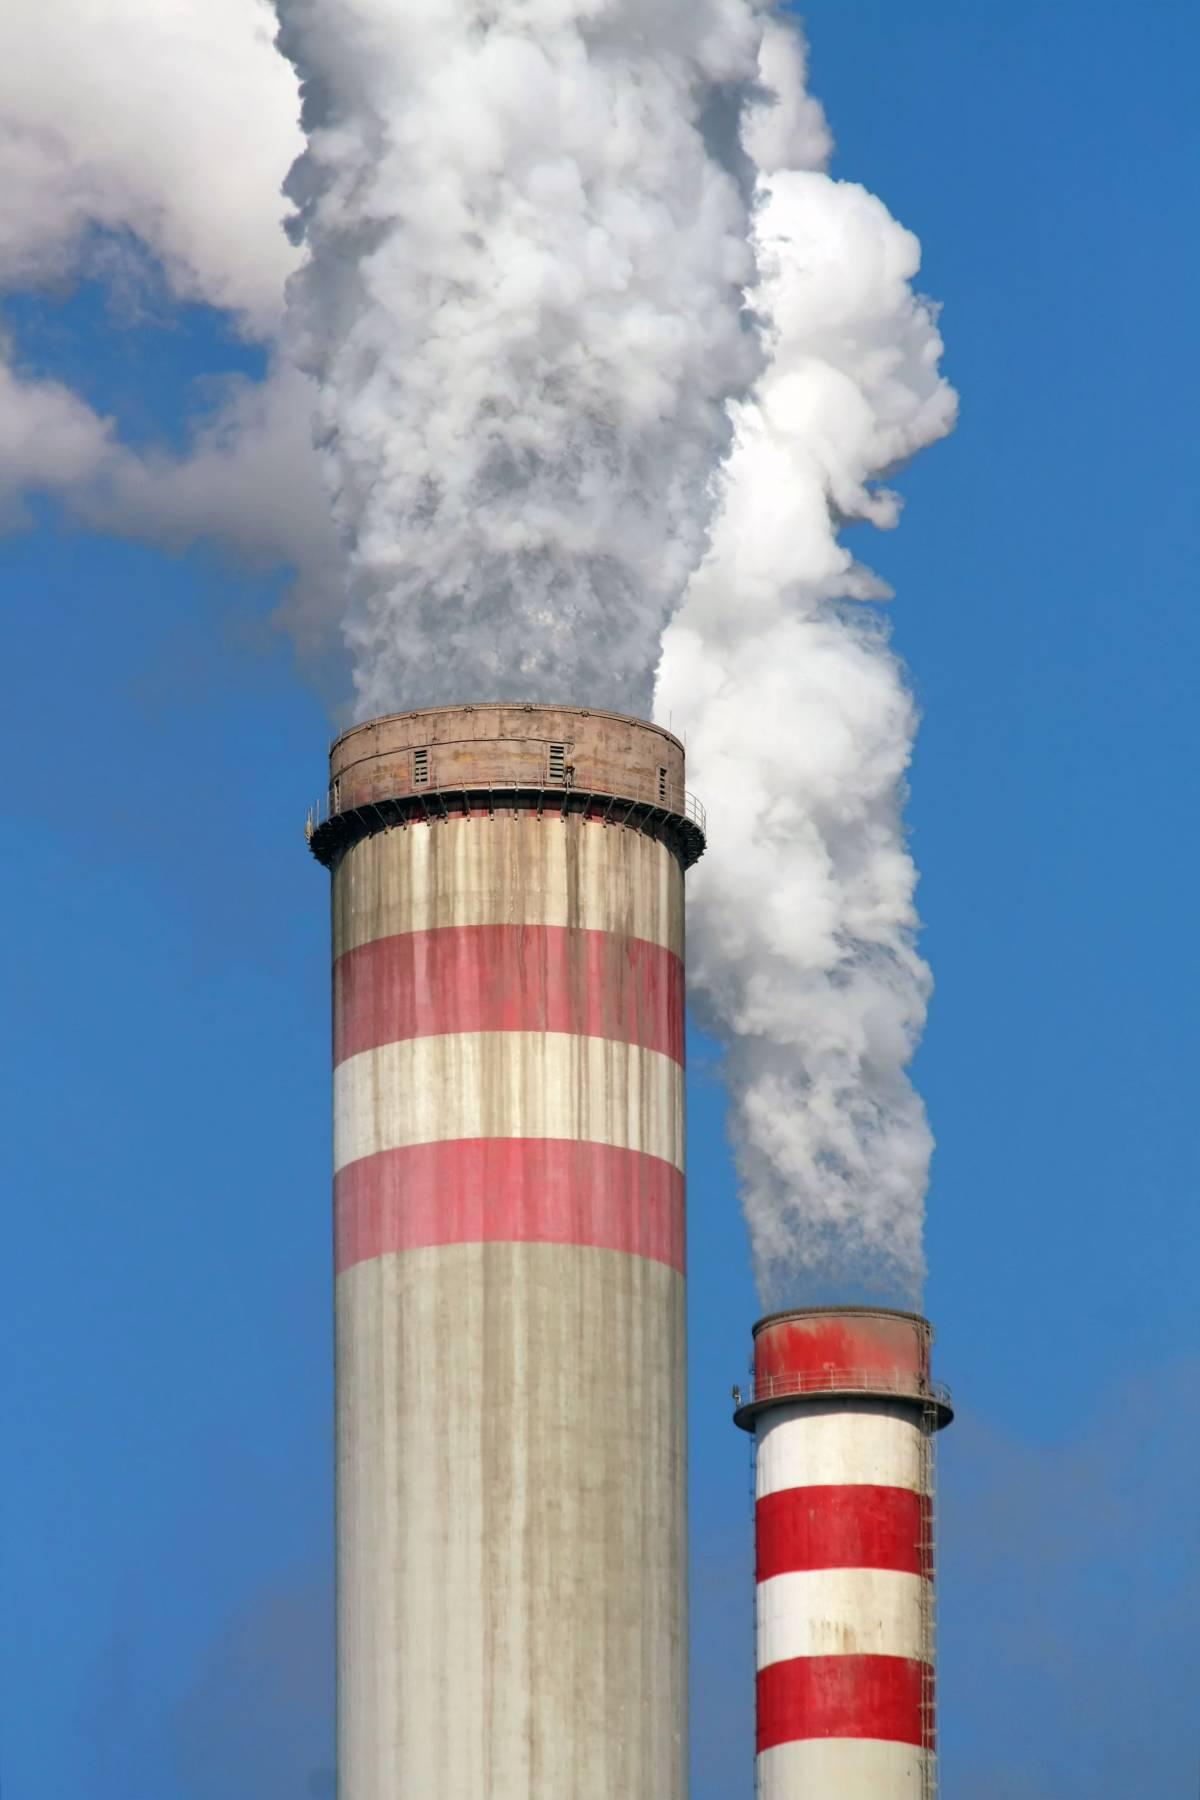 L'inquinamento va punito come reato, ma è da ciarlatani dire che modifica il clima